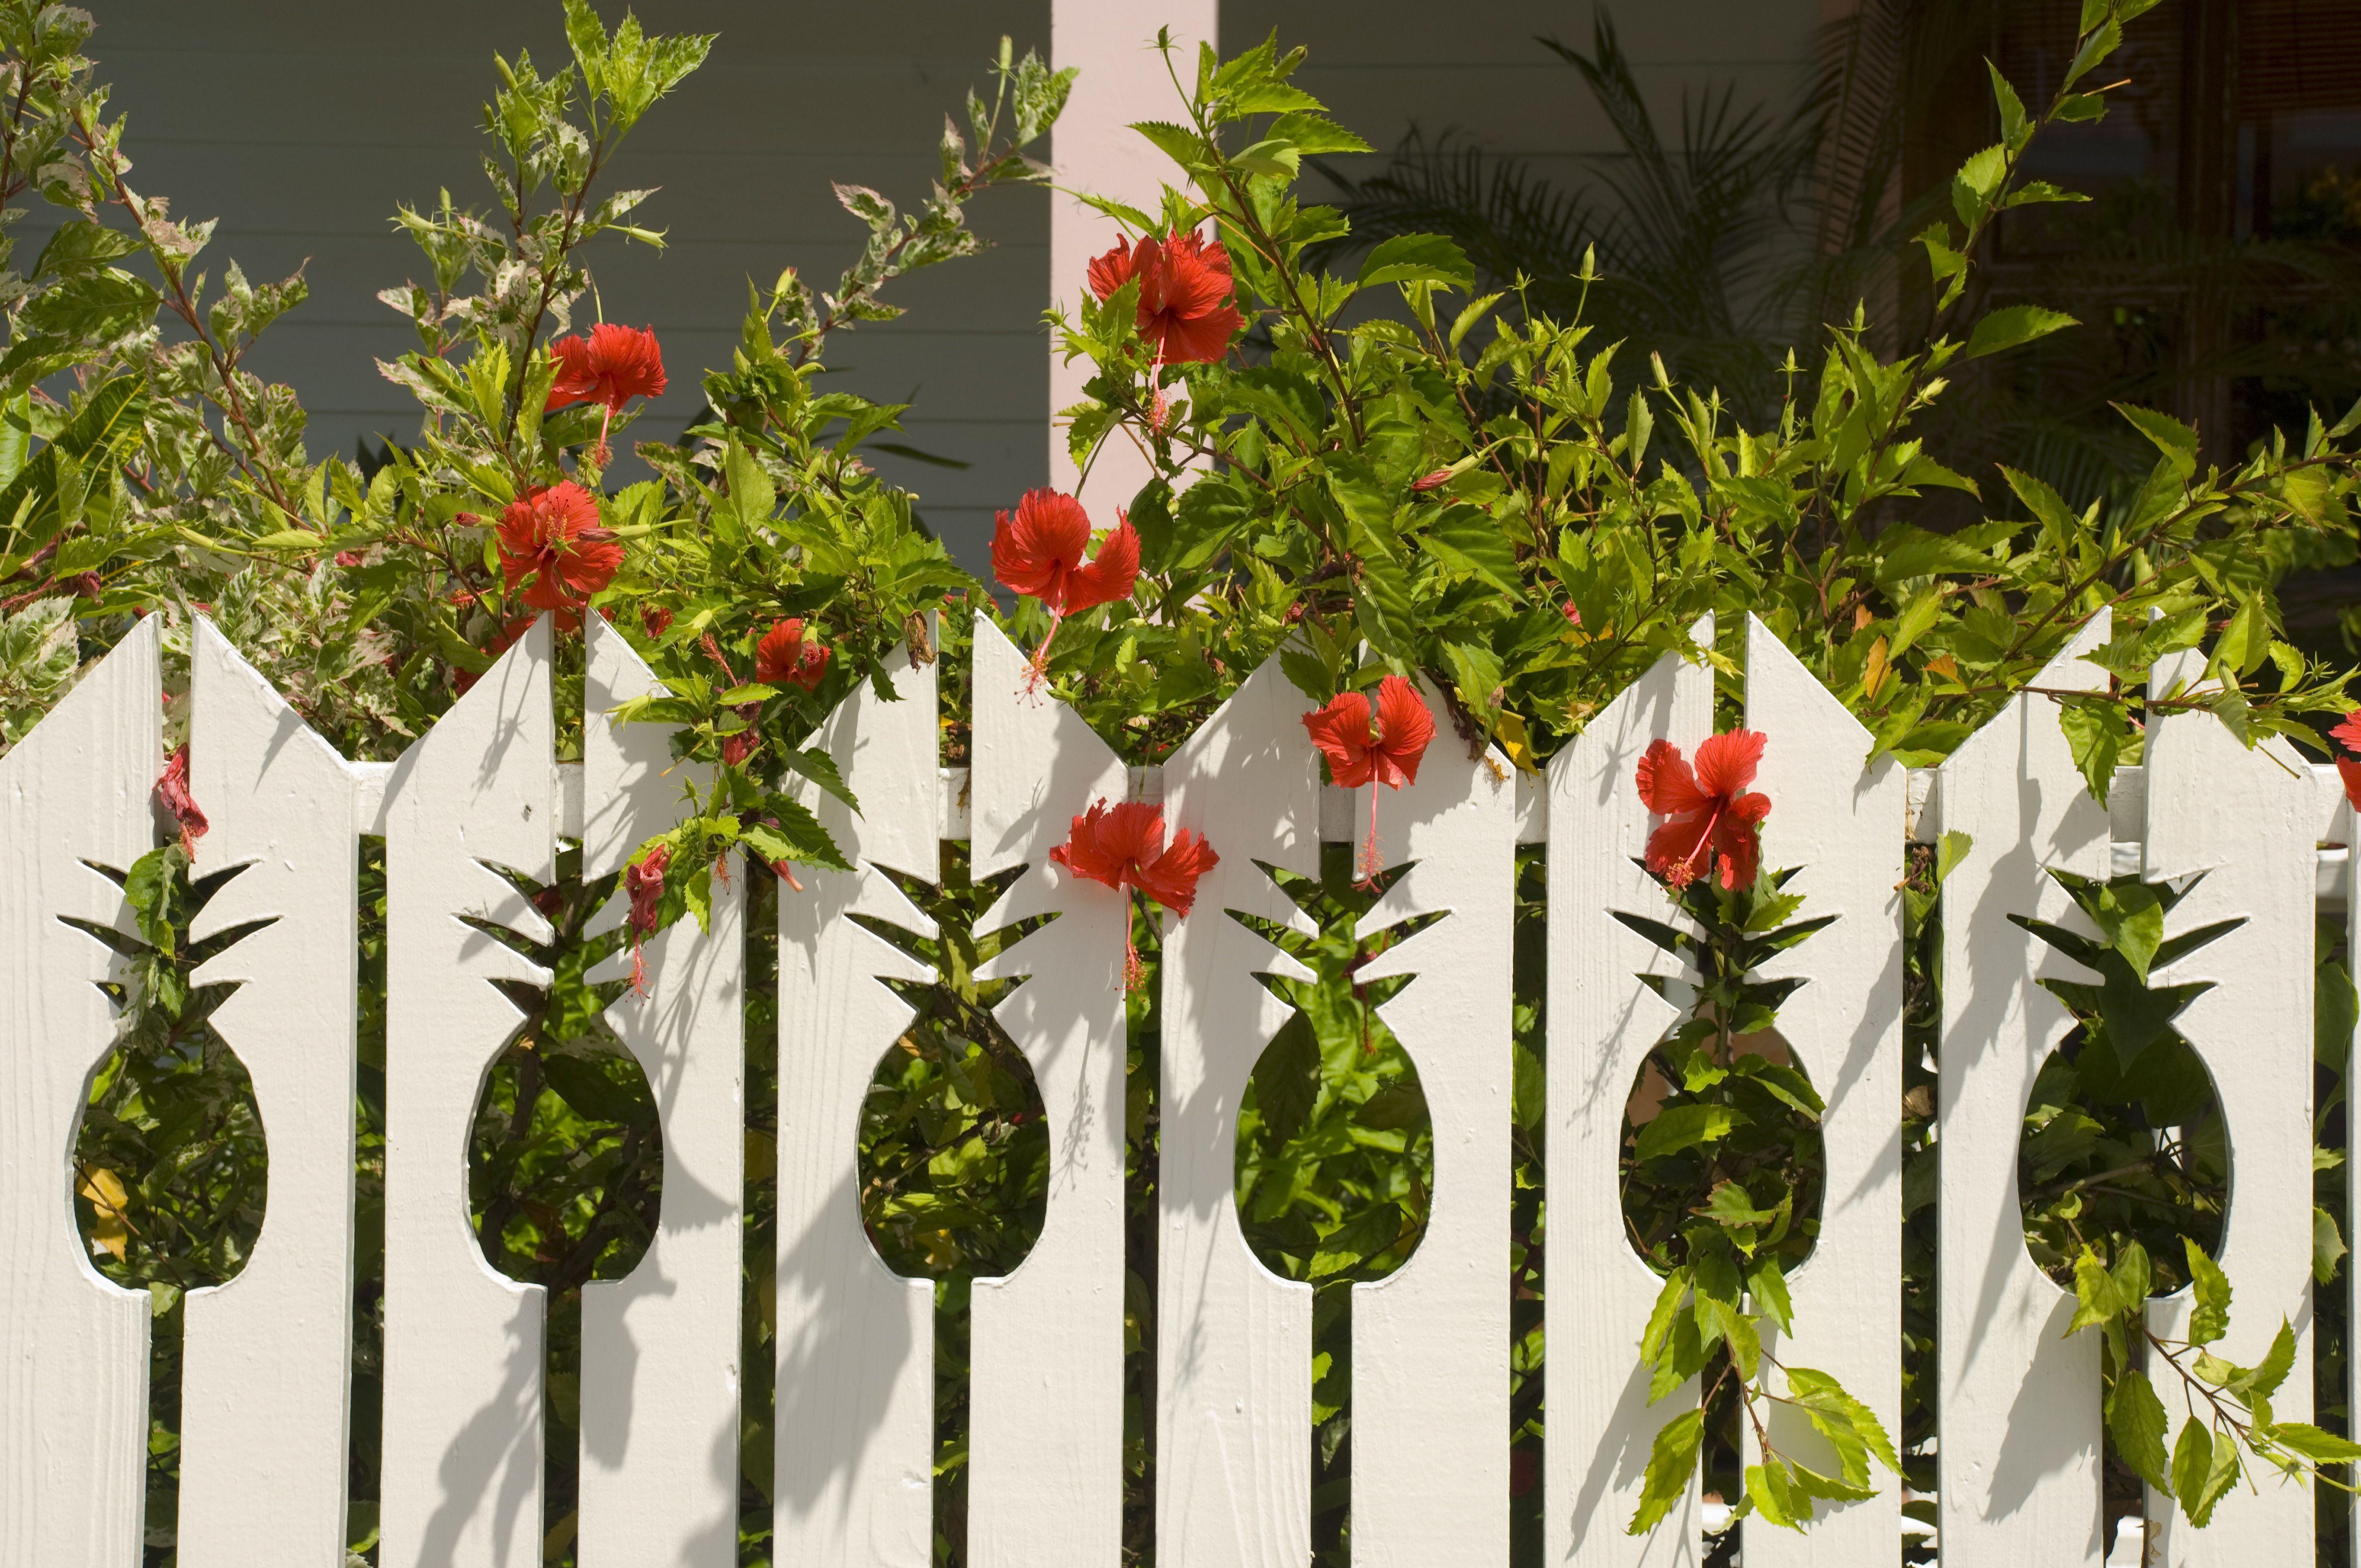 Edible Plants for Your Backyard